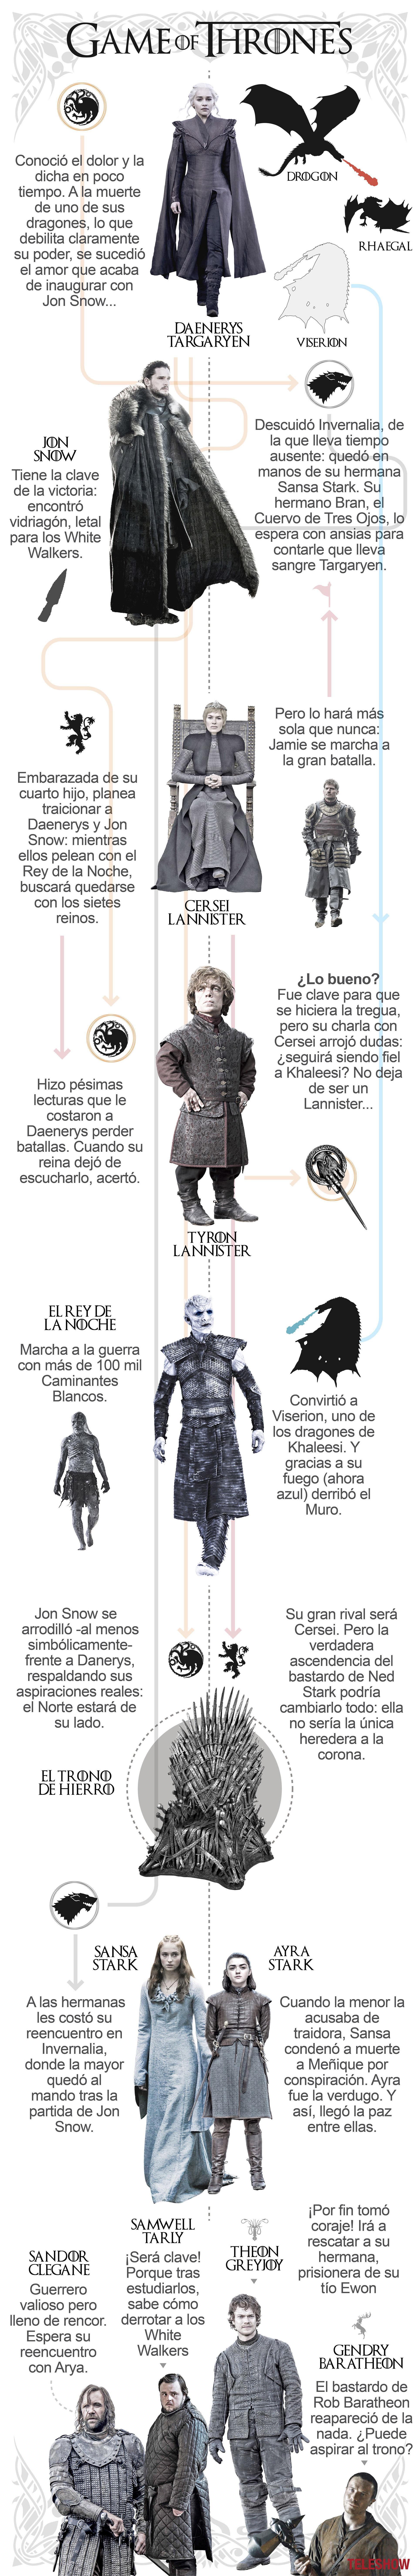 """Así se encuentran los personajes principales de """"Game of Thrones""""de cara a la etapa decisiva de la serie (Infografía: Ignacio Sánchez)"""